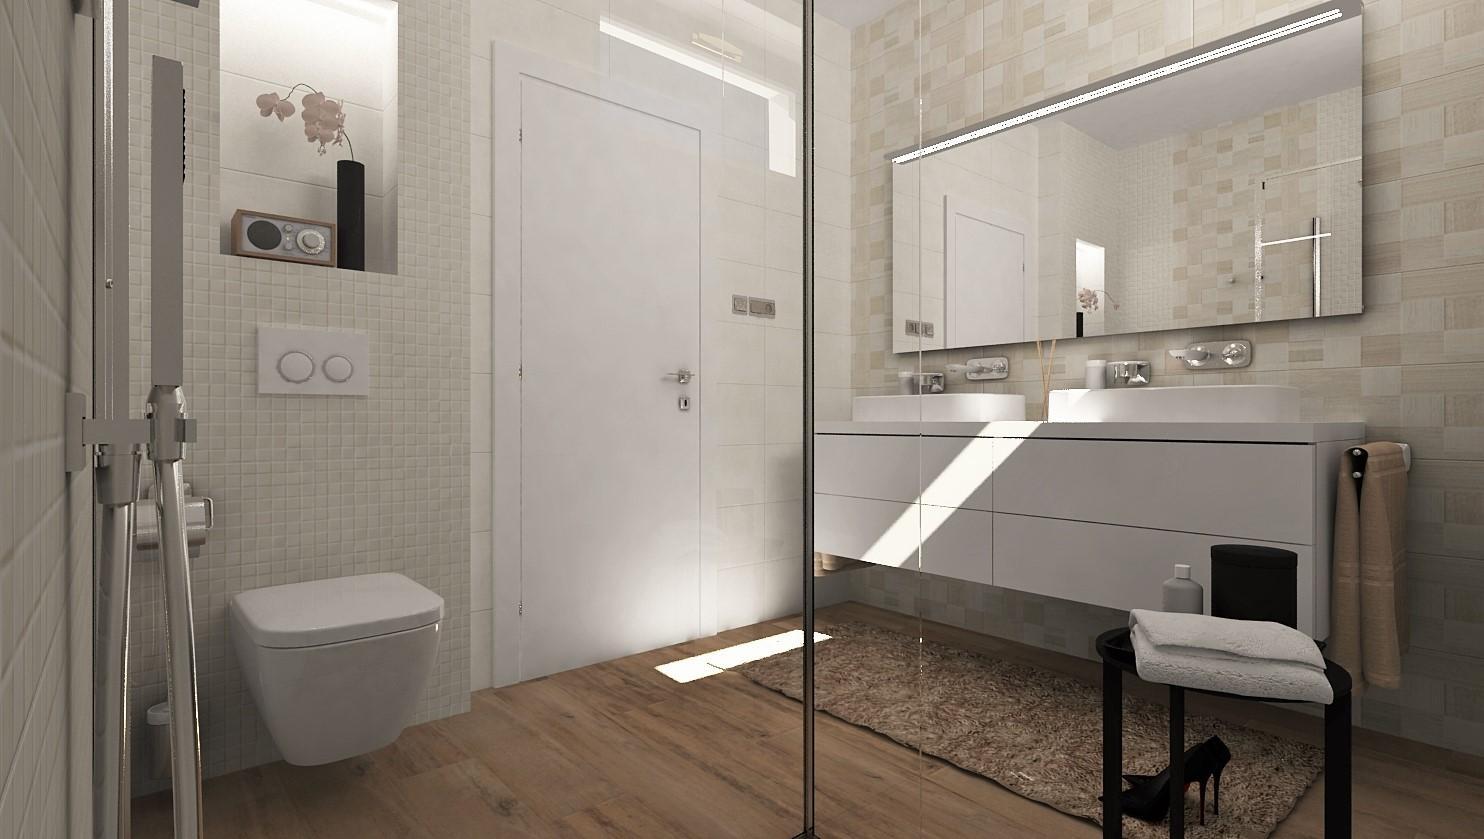 Návrhy a vizualizácie kúpeľní - Obrázok č. 43